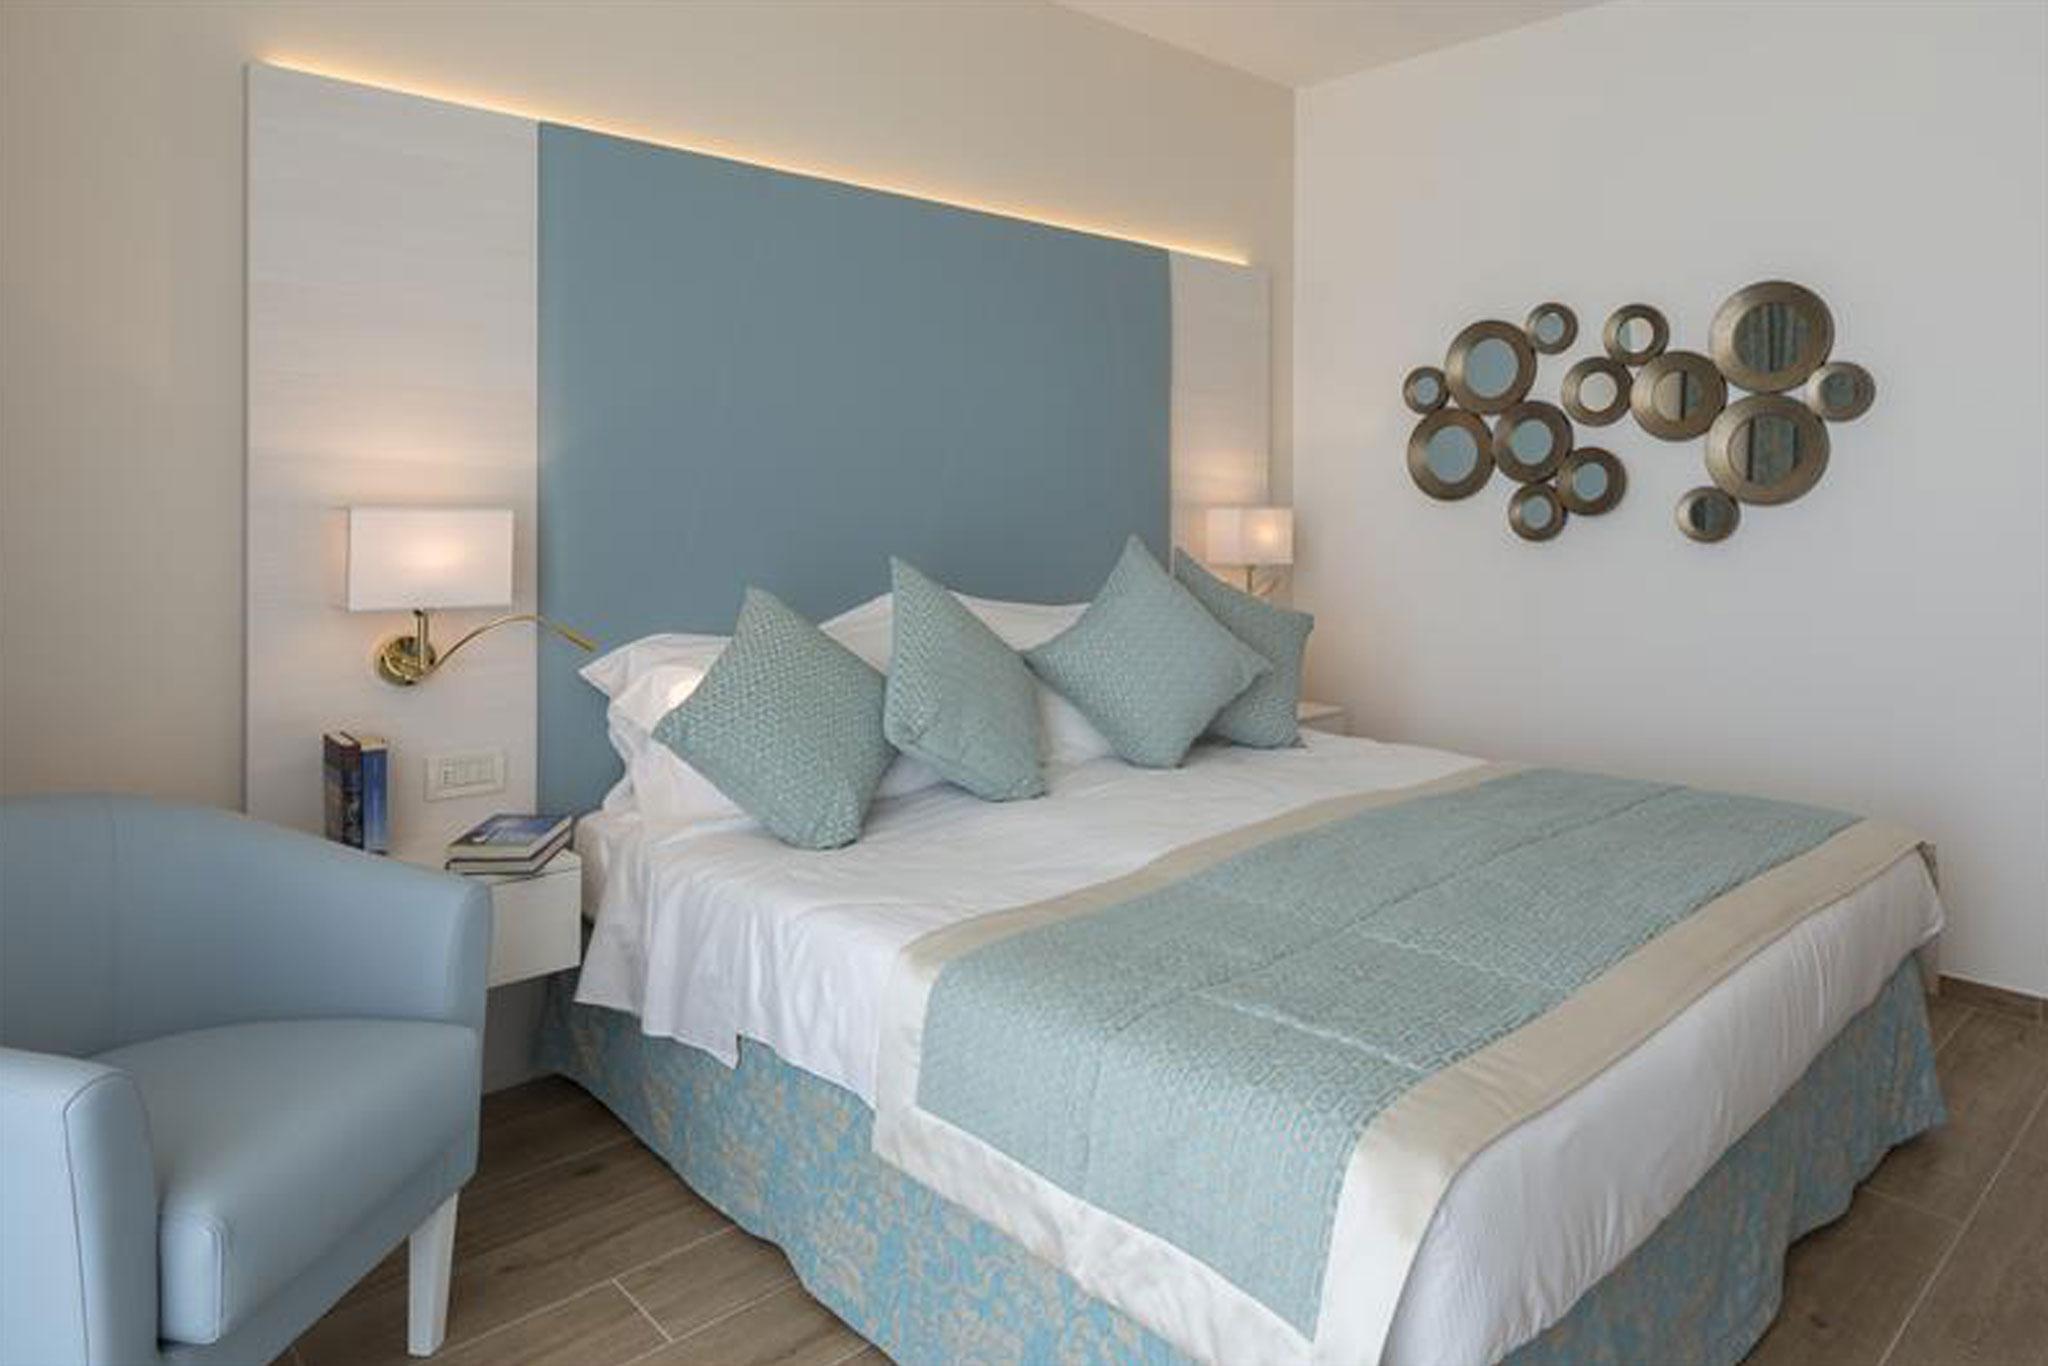 arredamento-hotel-camera-doppia